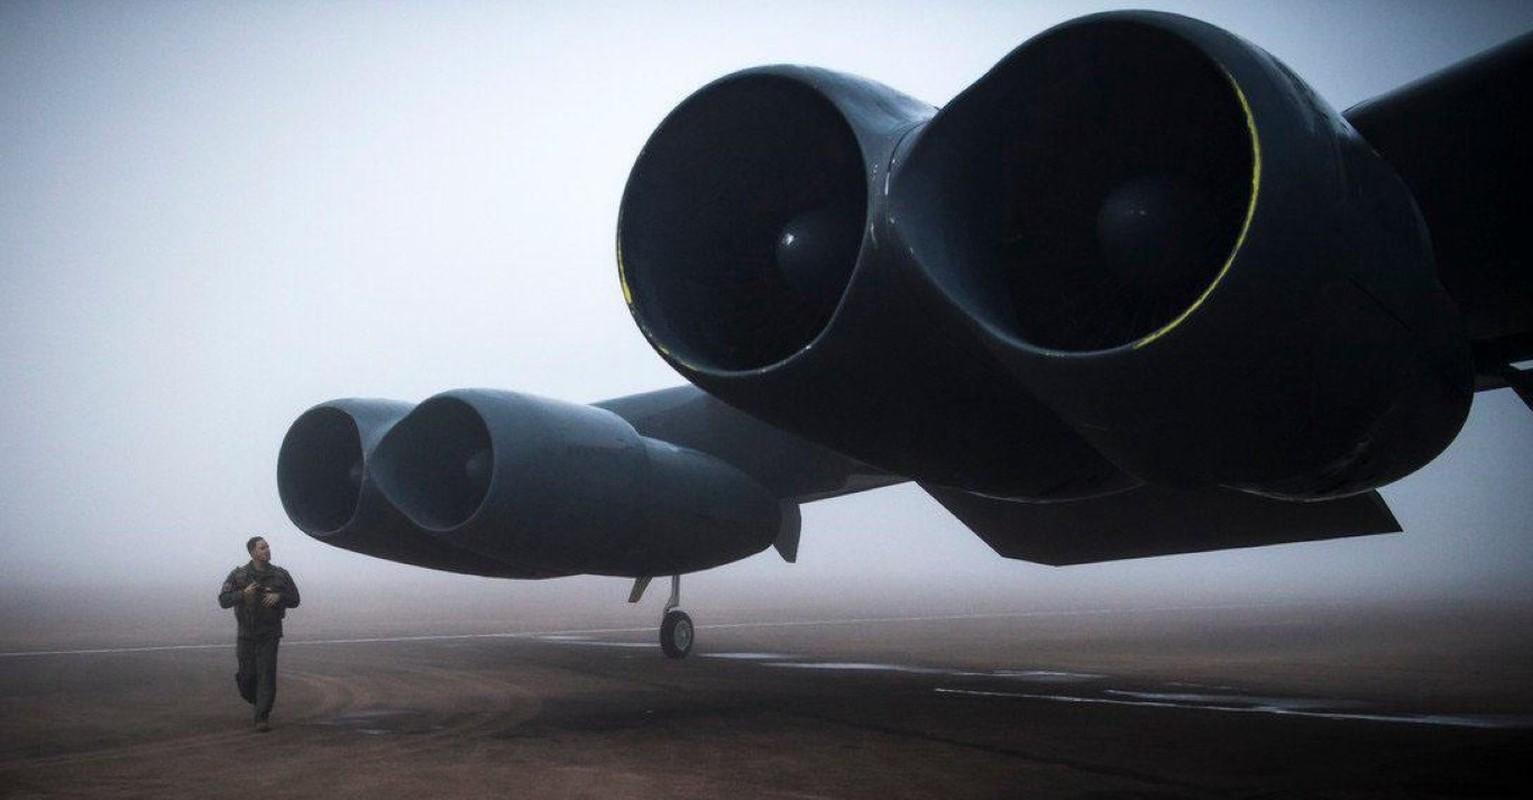 Hon 60 nam di qua, B-52 van la bieu tuong cua khong quan My-Hinh-28